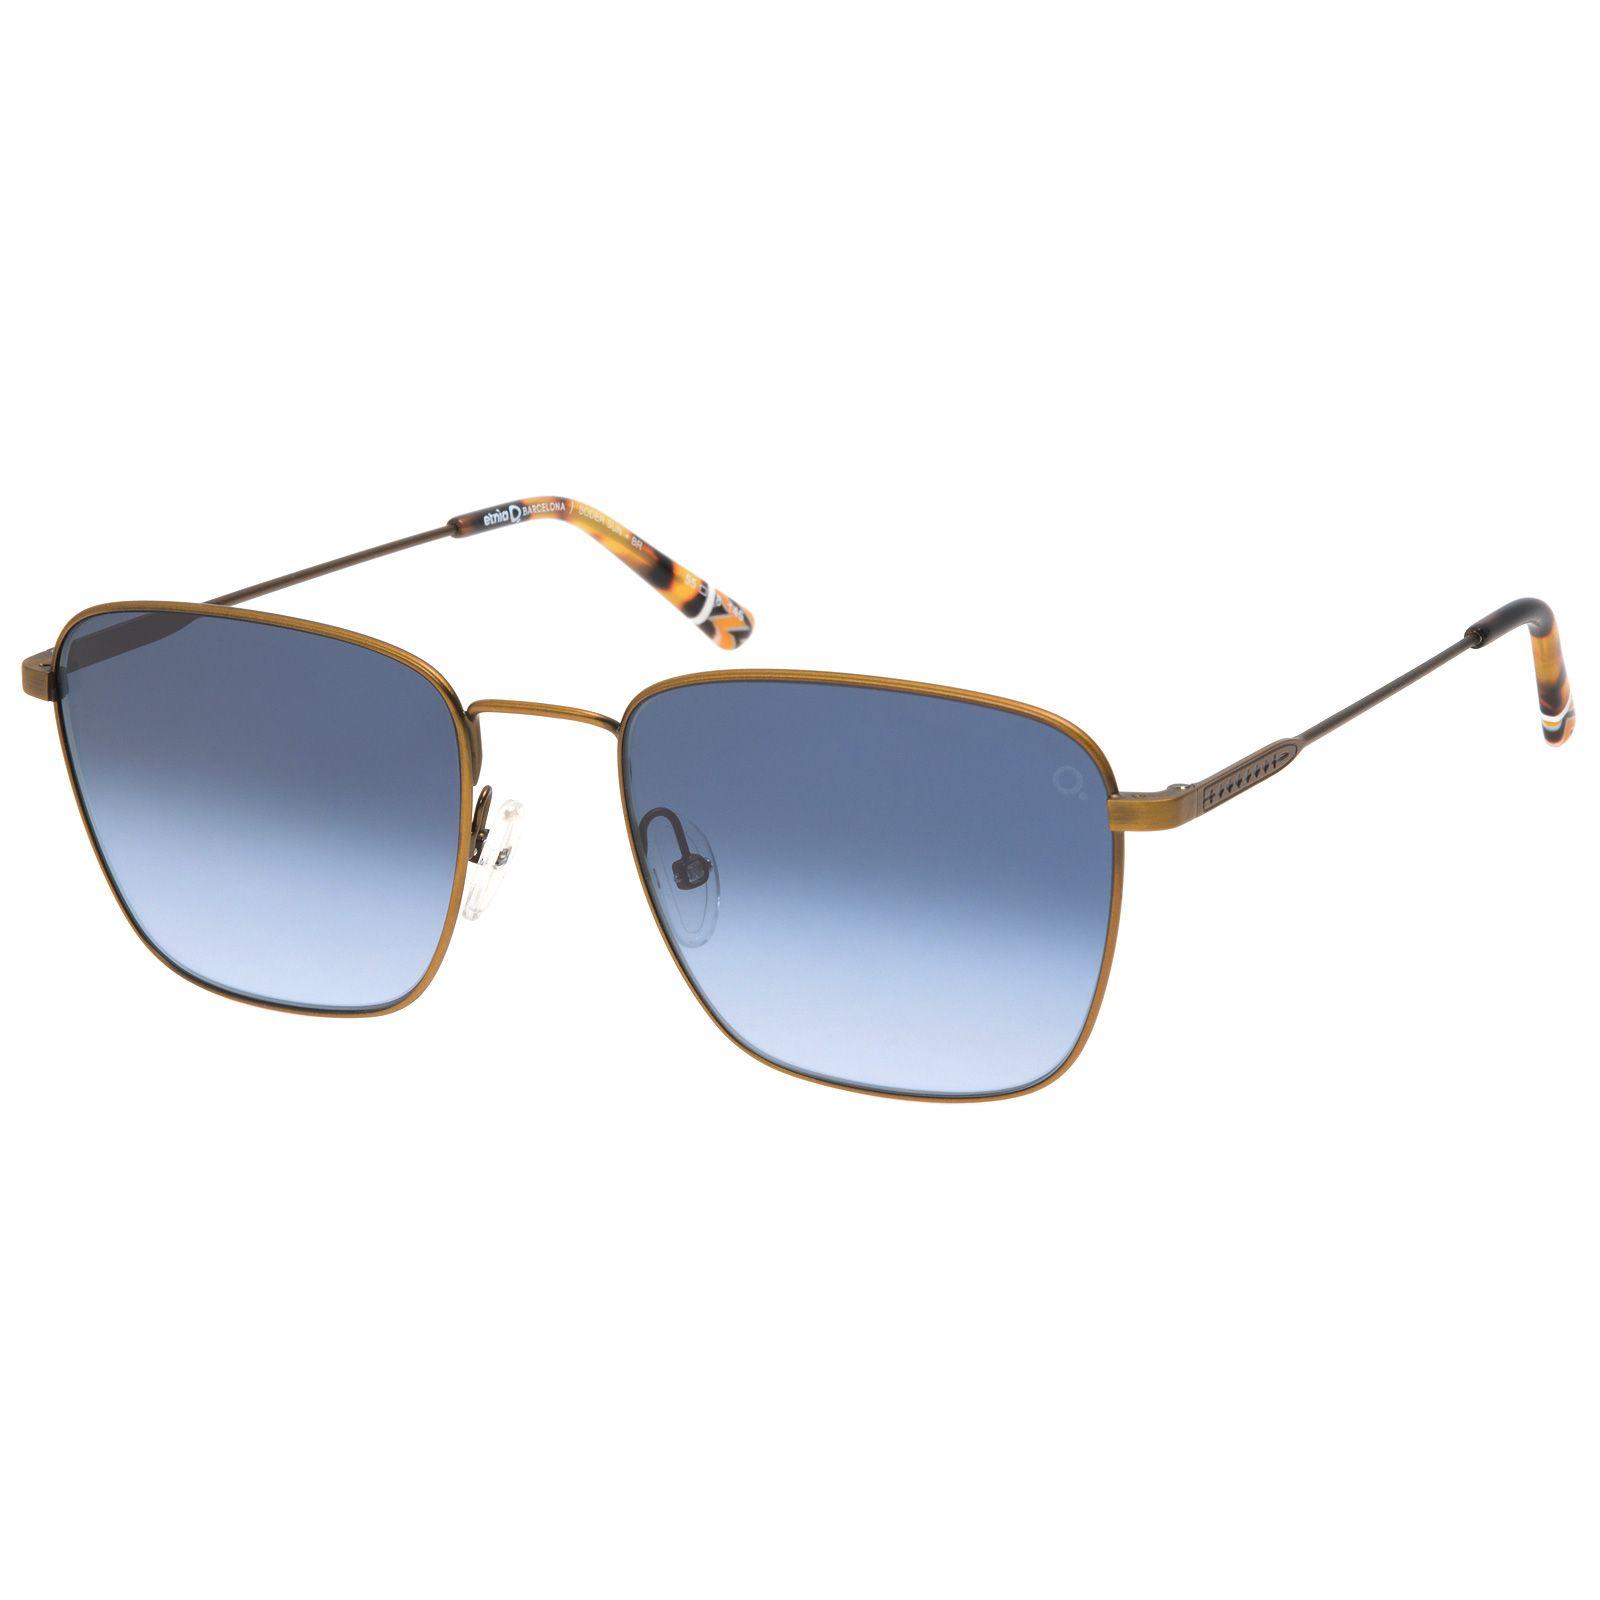 86f2b72f6a Etnia Soder Sun BR Brown Matt  etniabarcelona  sunglasses  sonnenbrillen   etnia